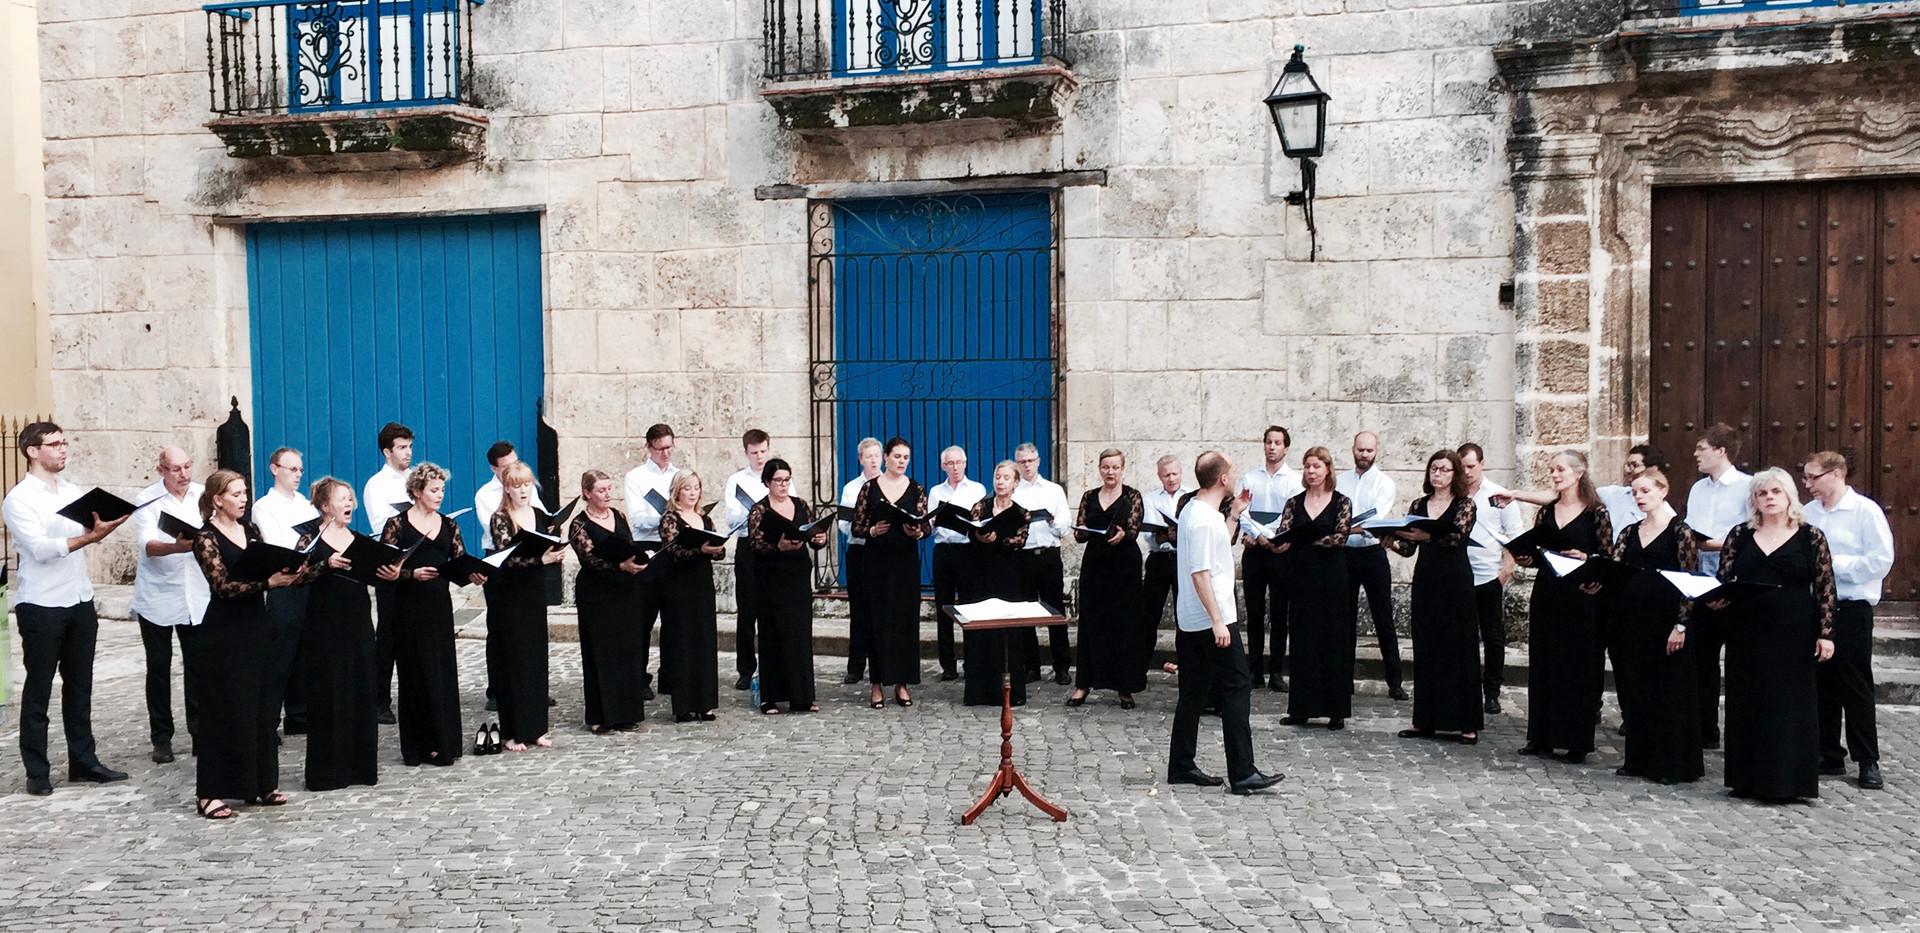 Utomhuskonsert på Plaza de la Catedral, Havanna, Kuba.